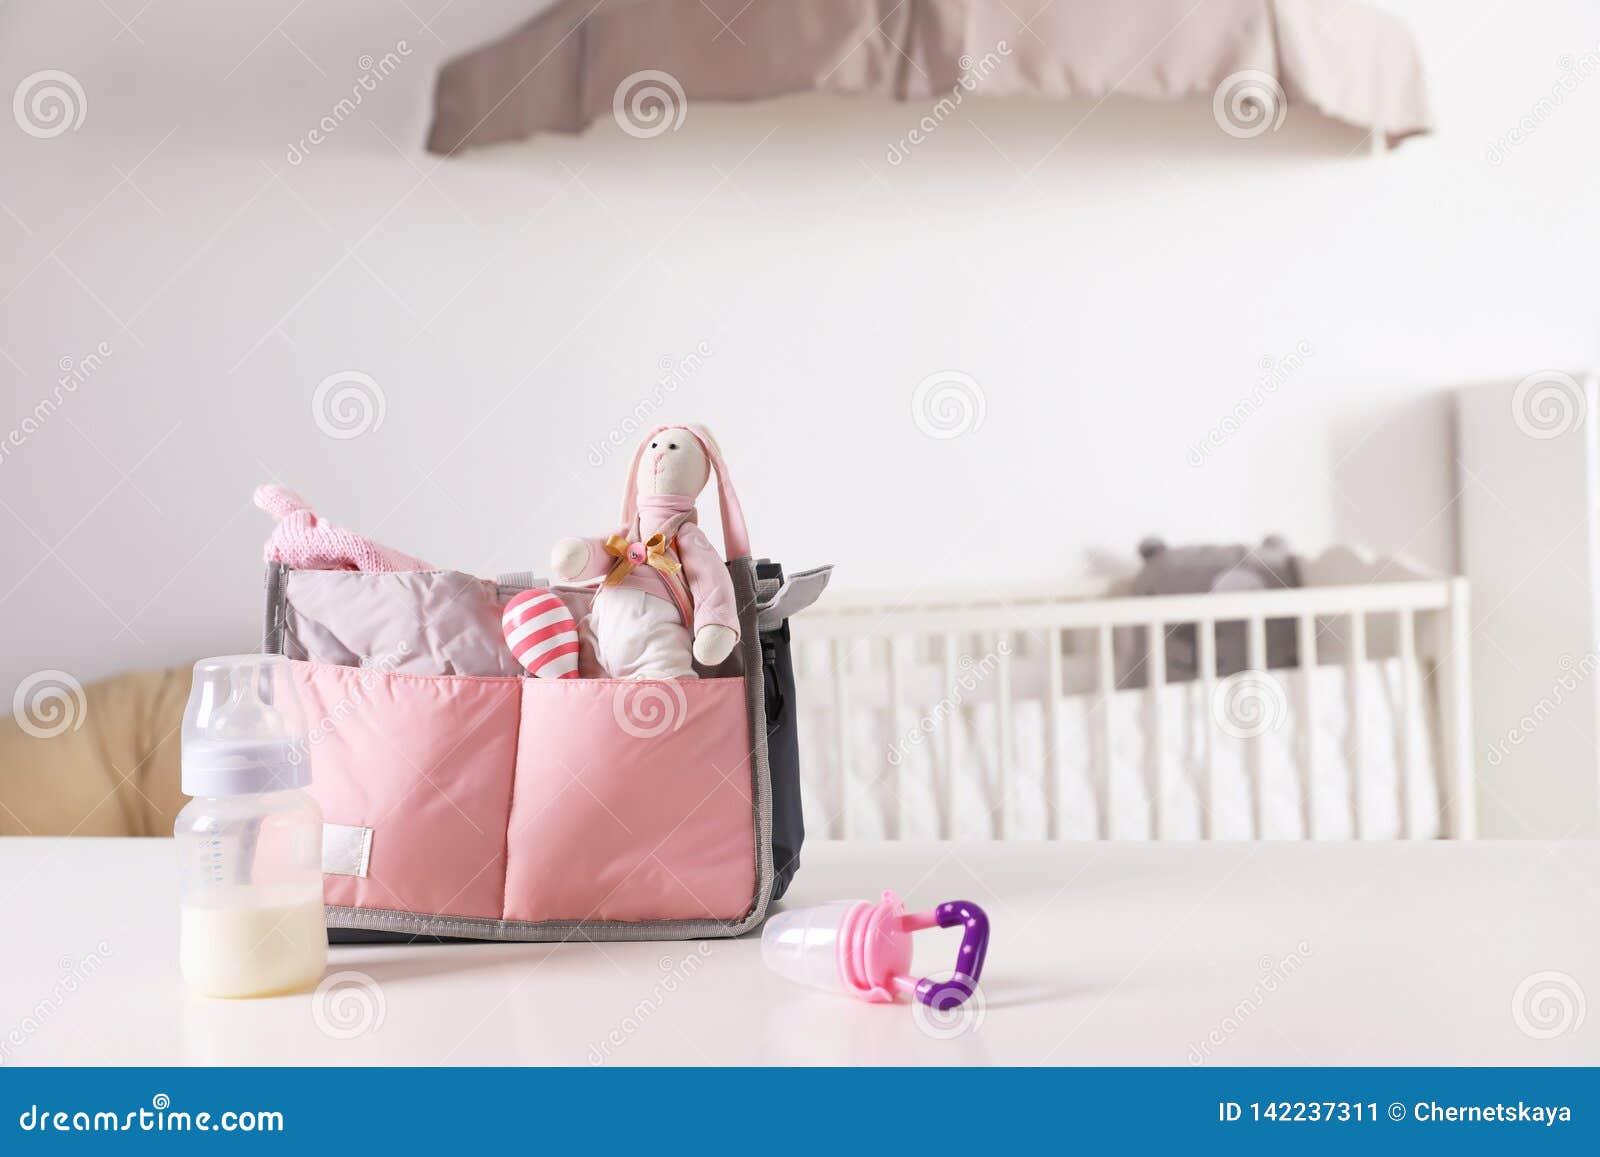 Macierzyńska torba z dzieci akcesoriami na stole